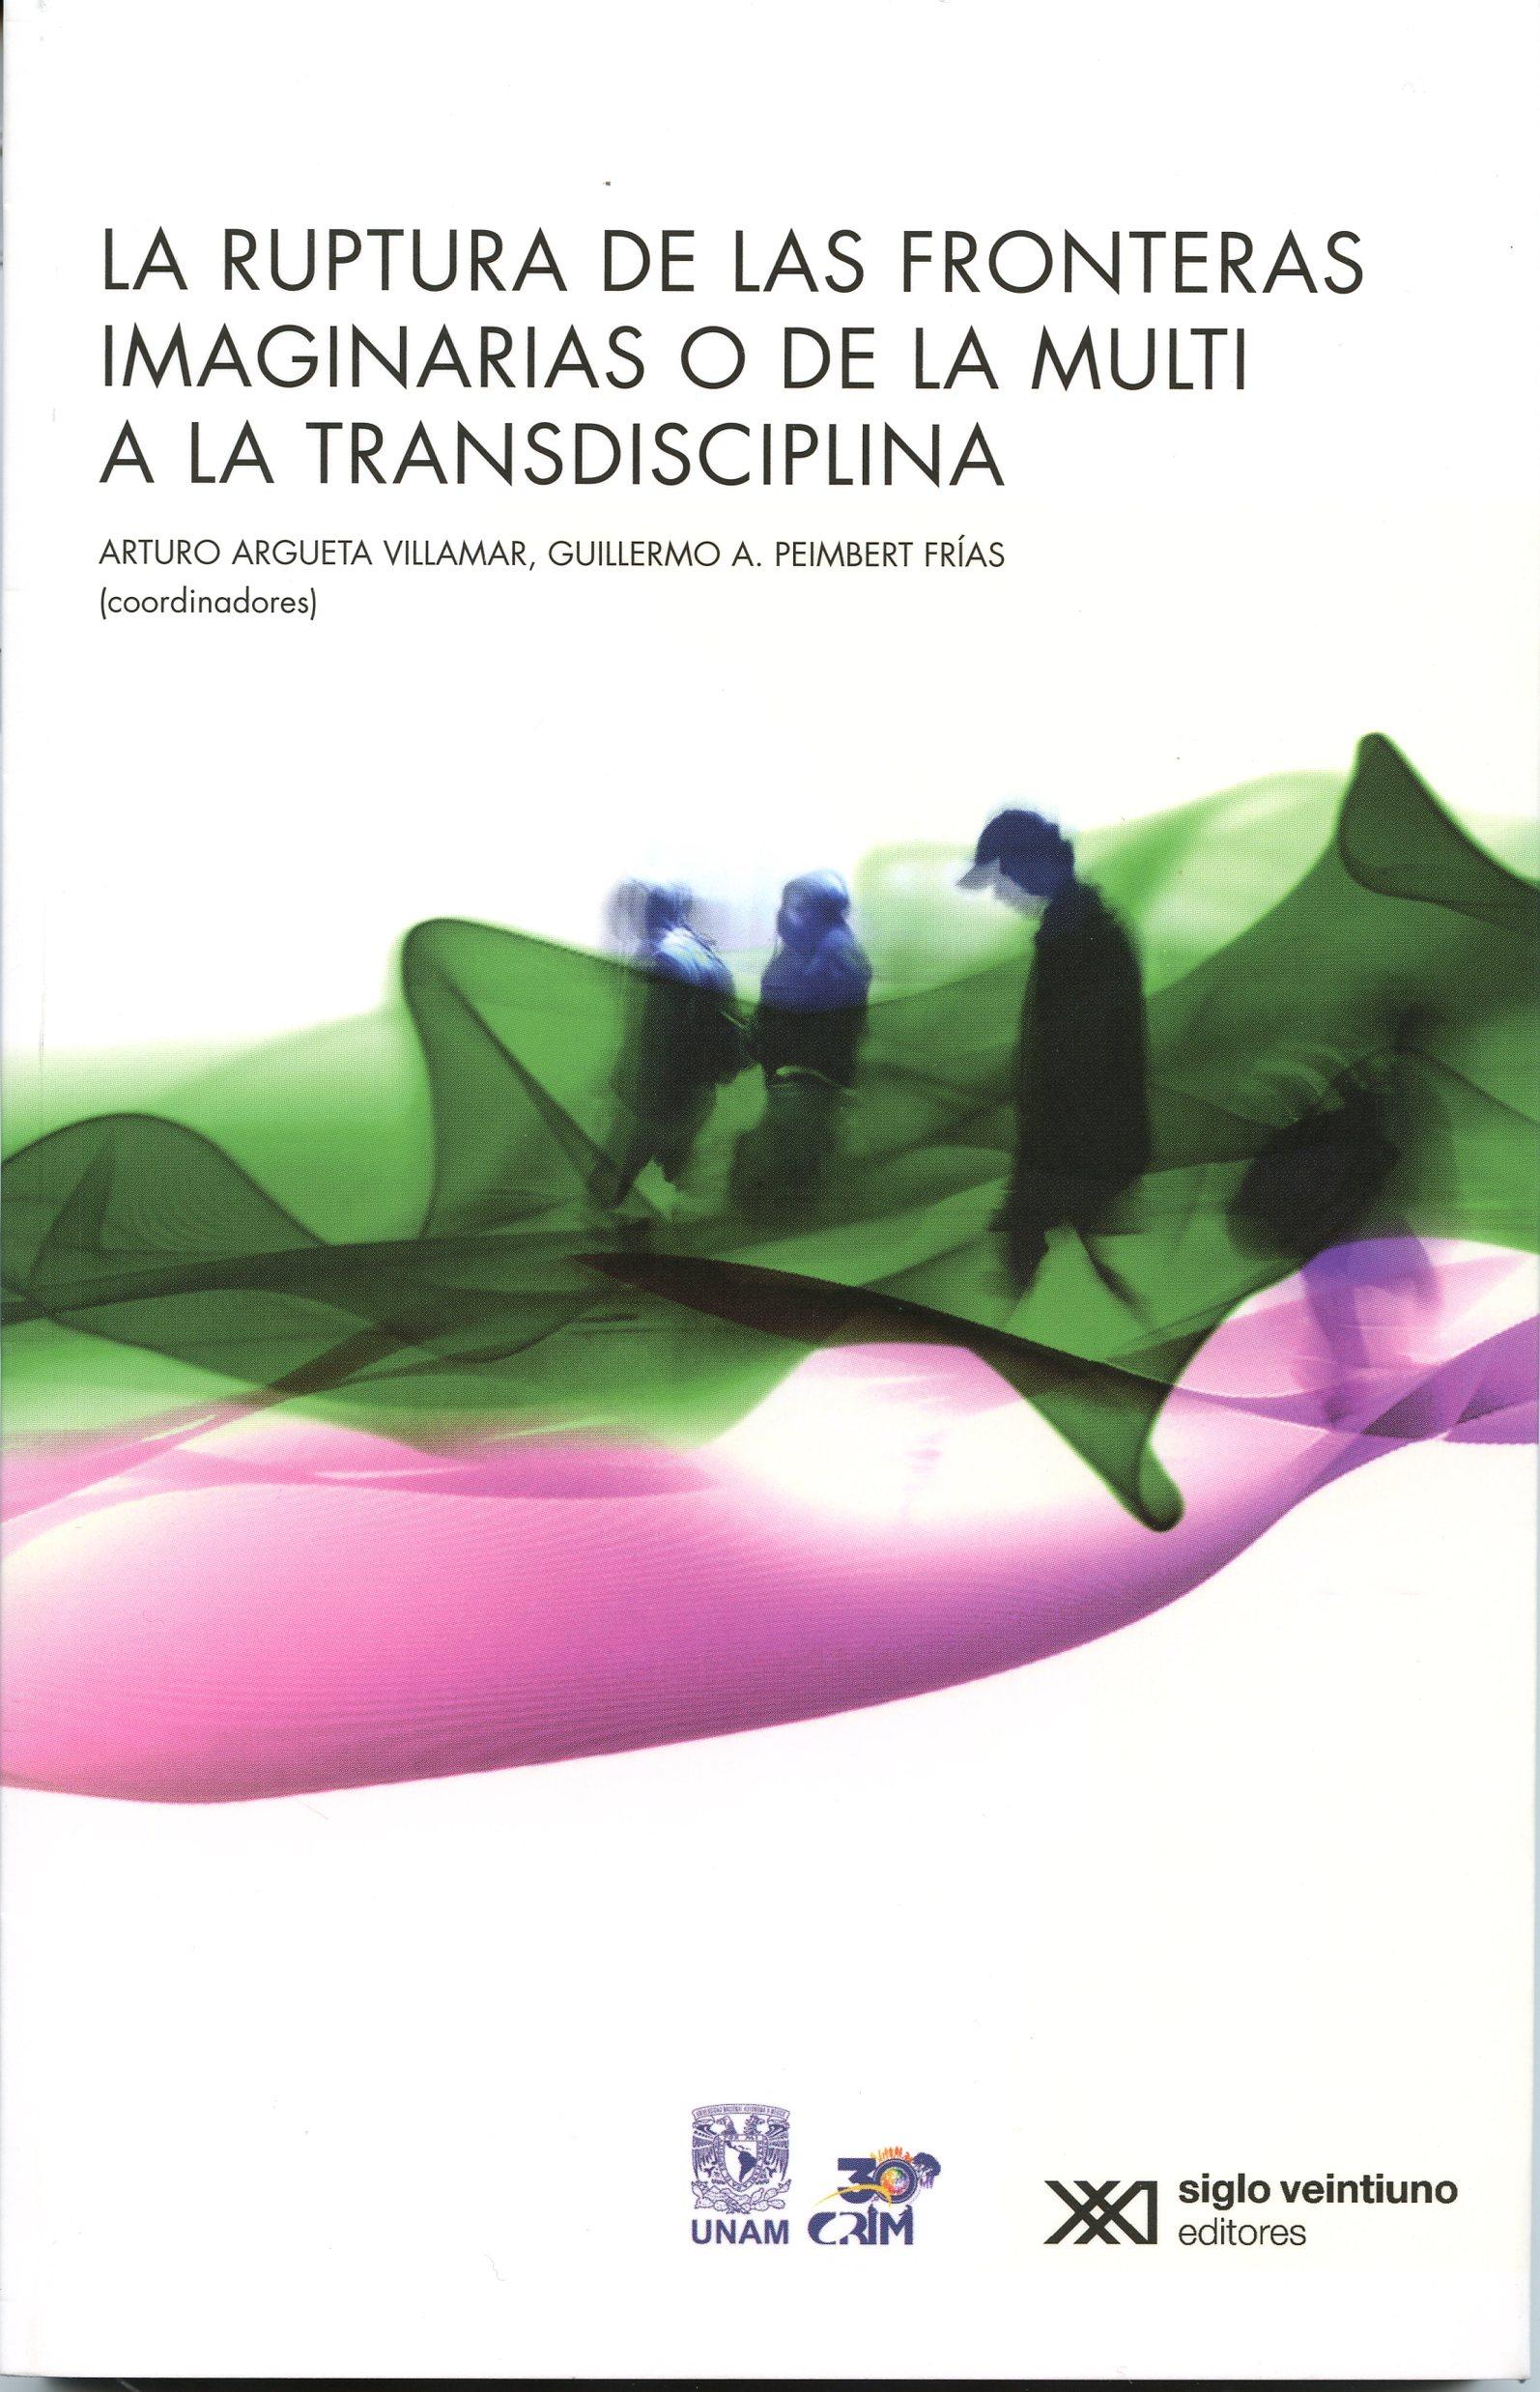 La ruptura de las fronteras imaginarias o de la multi a la transdisciplina